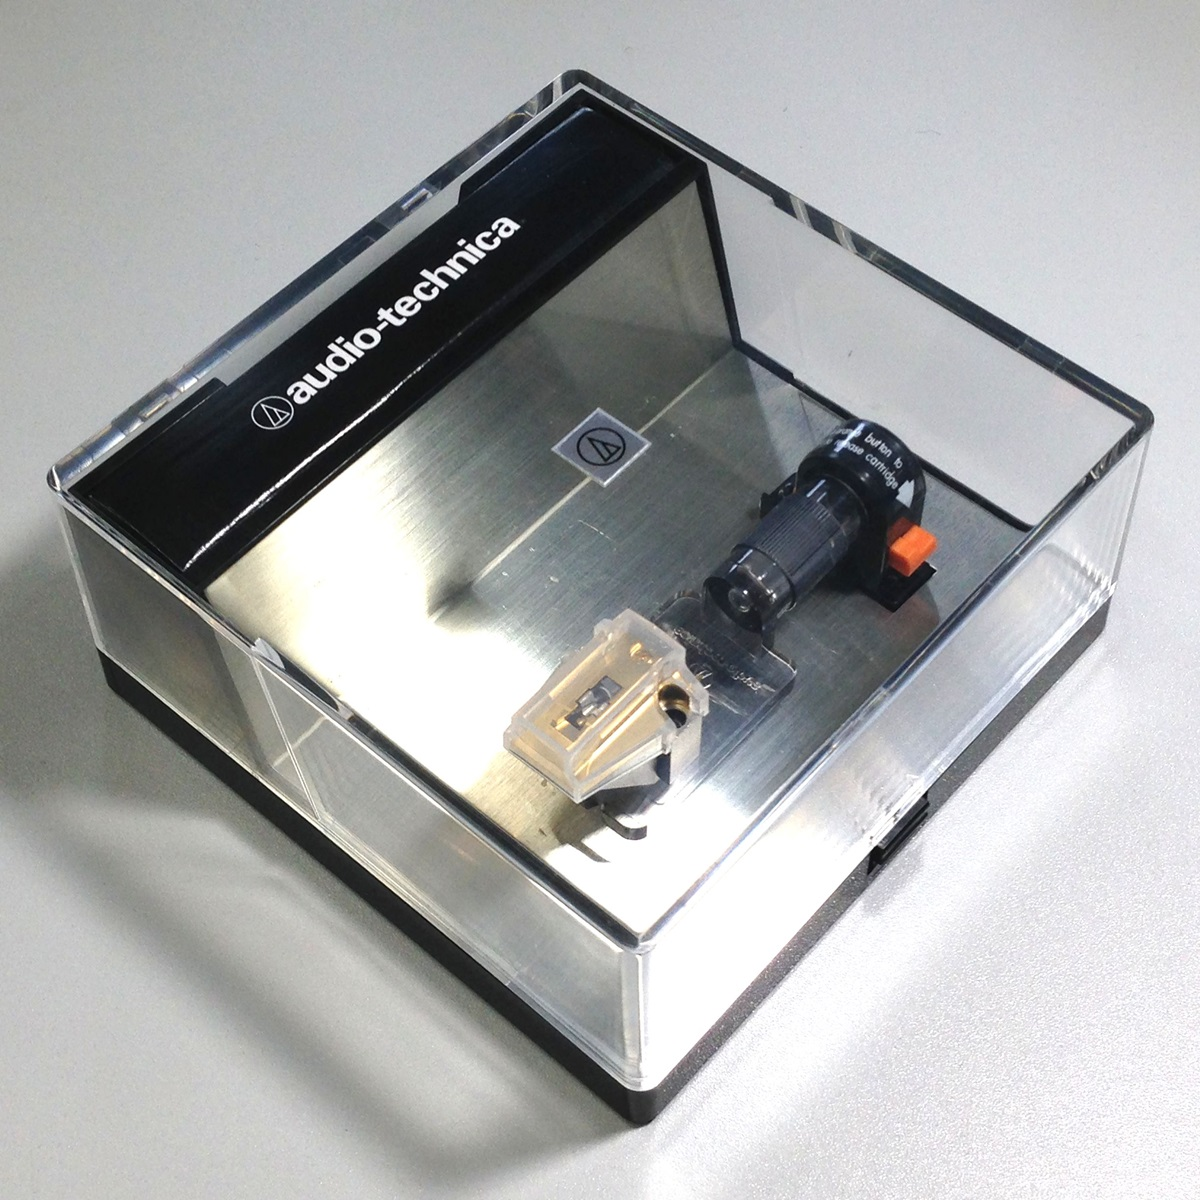 美品 audio-technica AT-ART7 MC型 カートリッジ 針カバー/ケース等付属品有 出力良好品 Audio Station_画像9